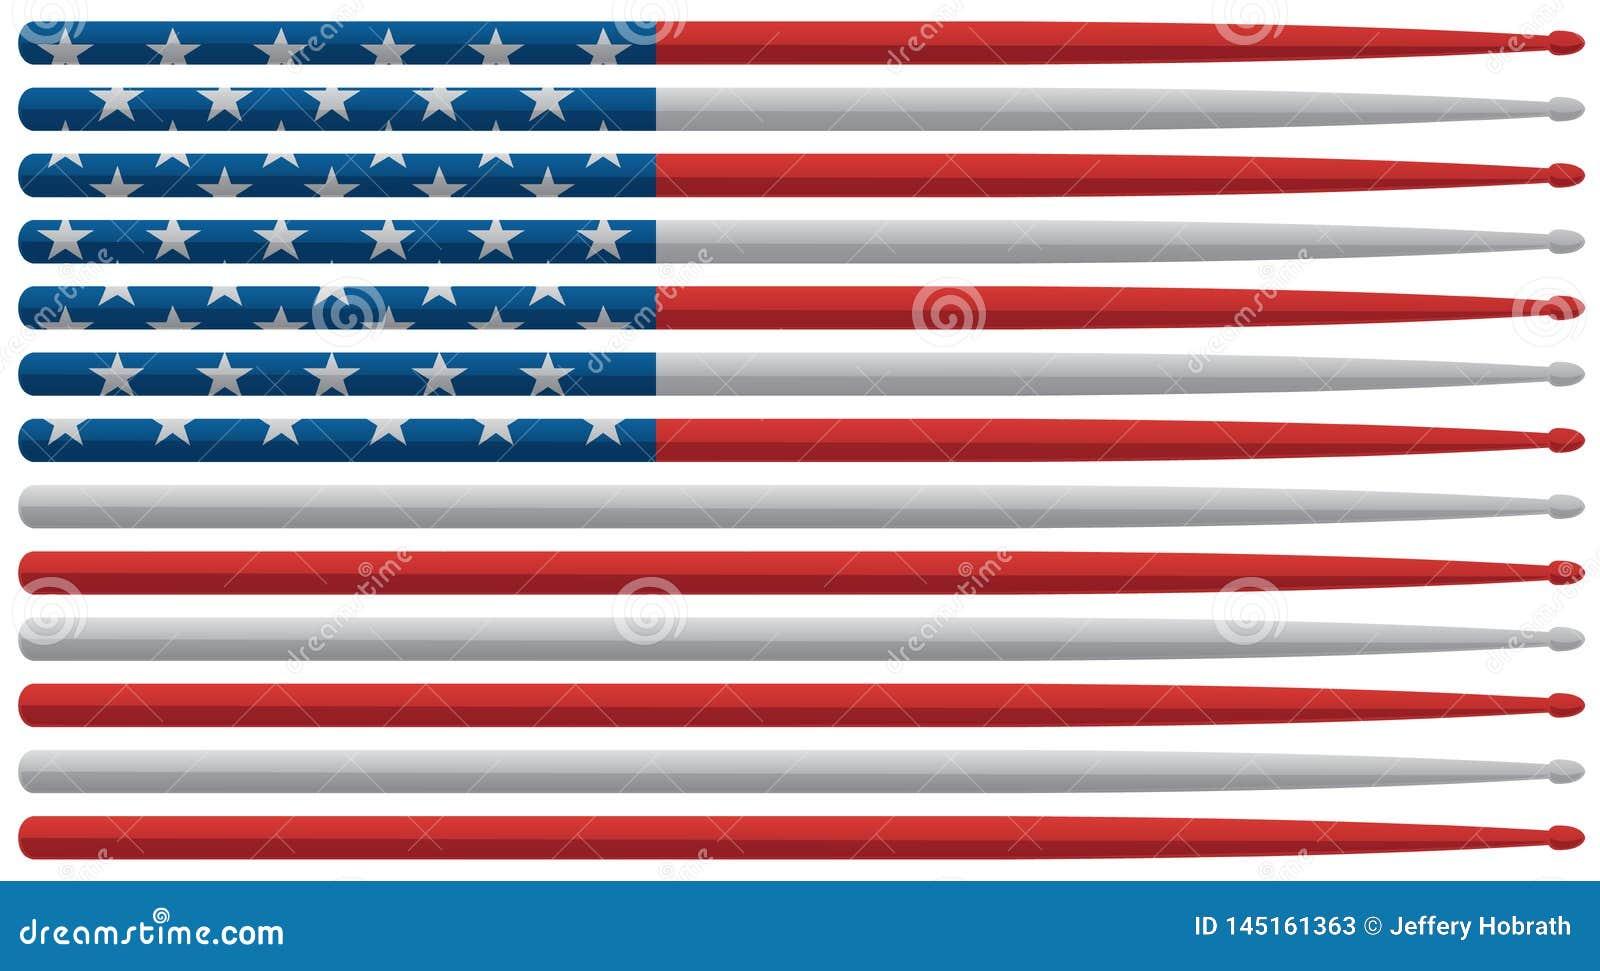 Amerikanische Schlagzeugerflagge mit rotem, weißem und blauem Sternenbanner trommeln haftet lokalisierte Vektorillustration